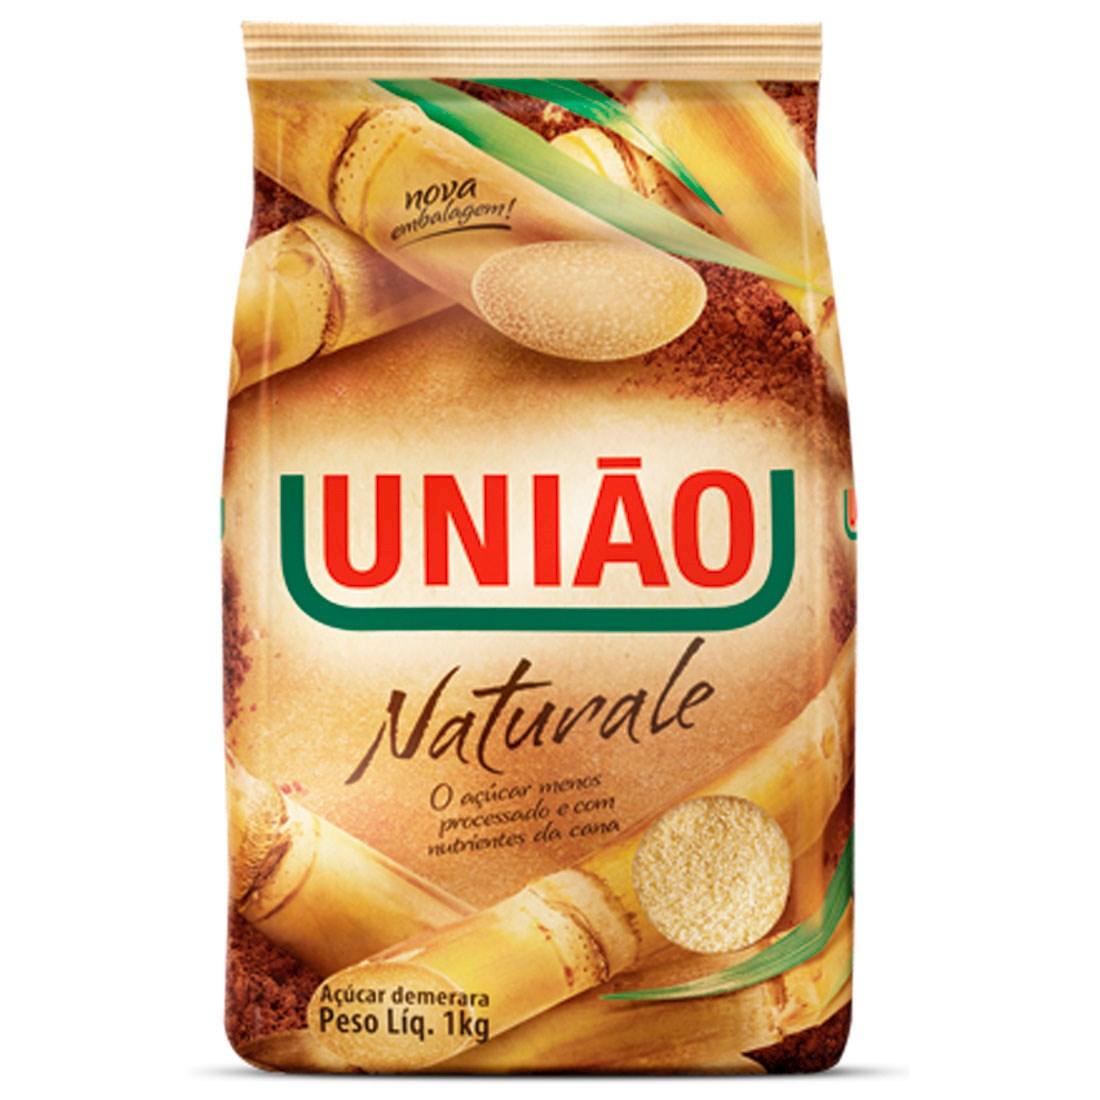 AÇÚCAR NATURALE DEMERARA UNIÃO 1 KG